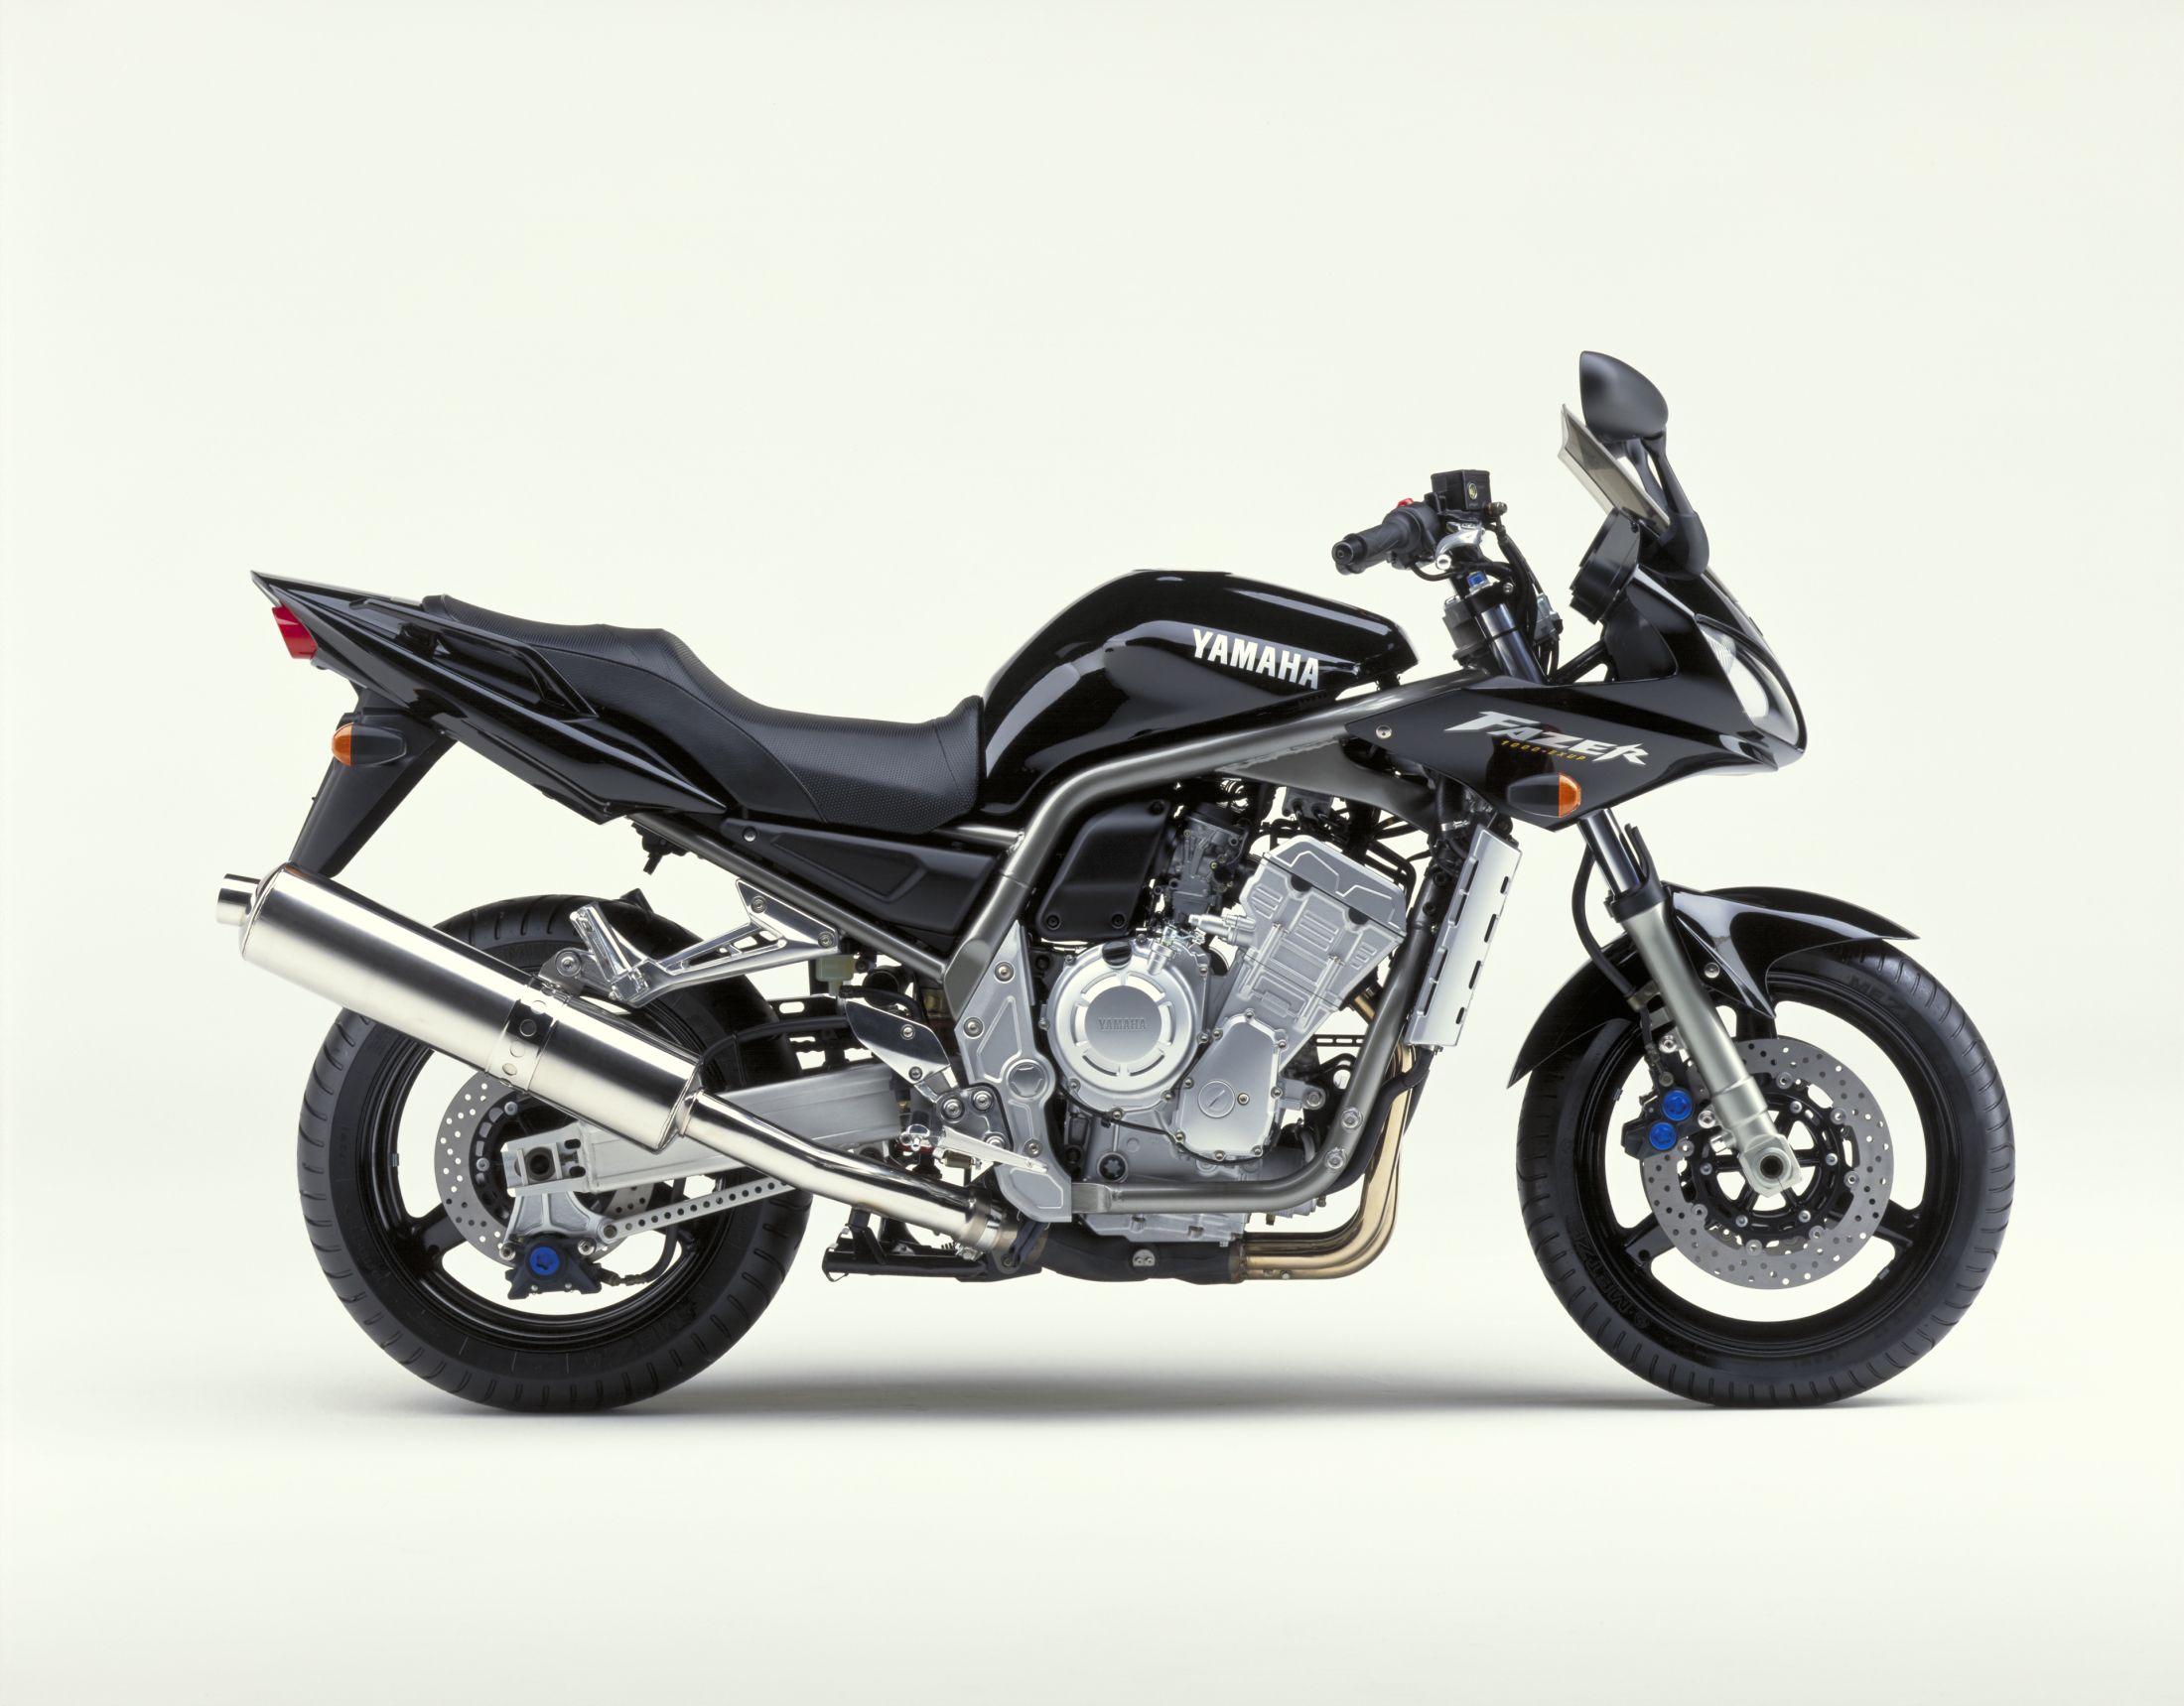 2002 Yamaha FZ-1000*gytr exhaust*corbin seat*black*runs